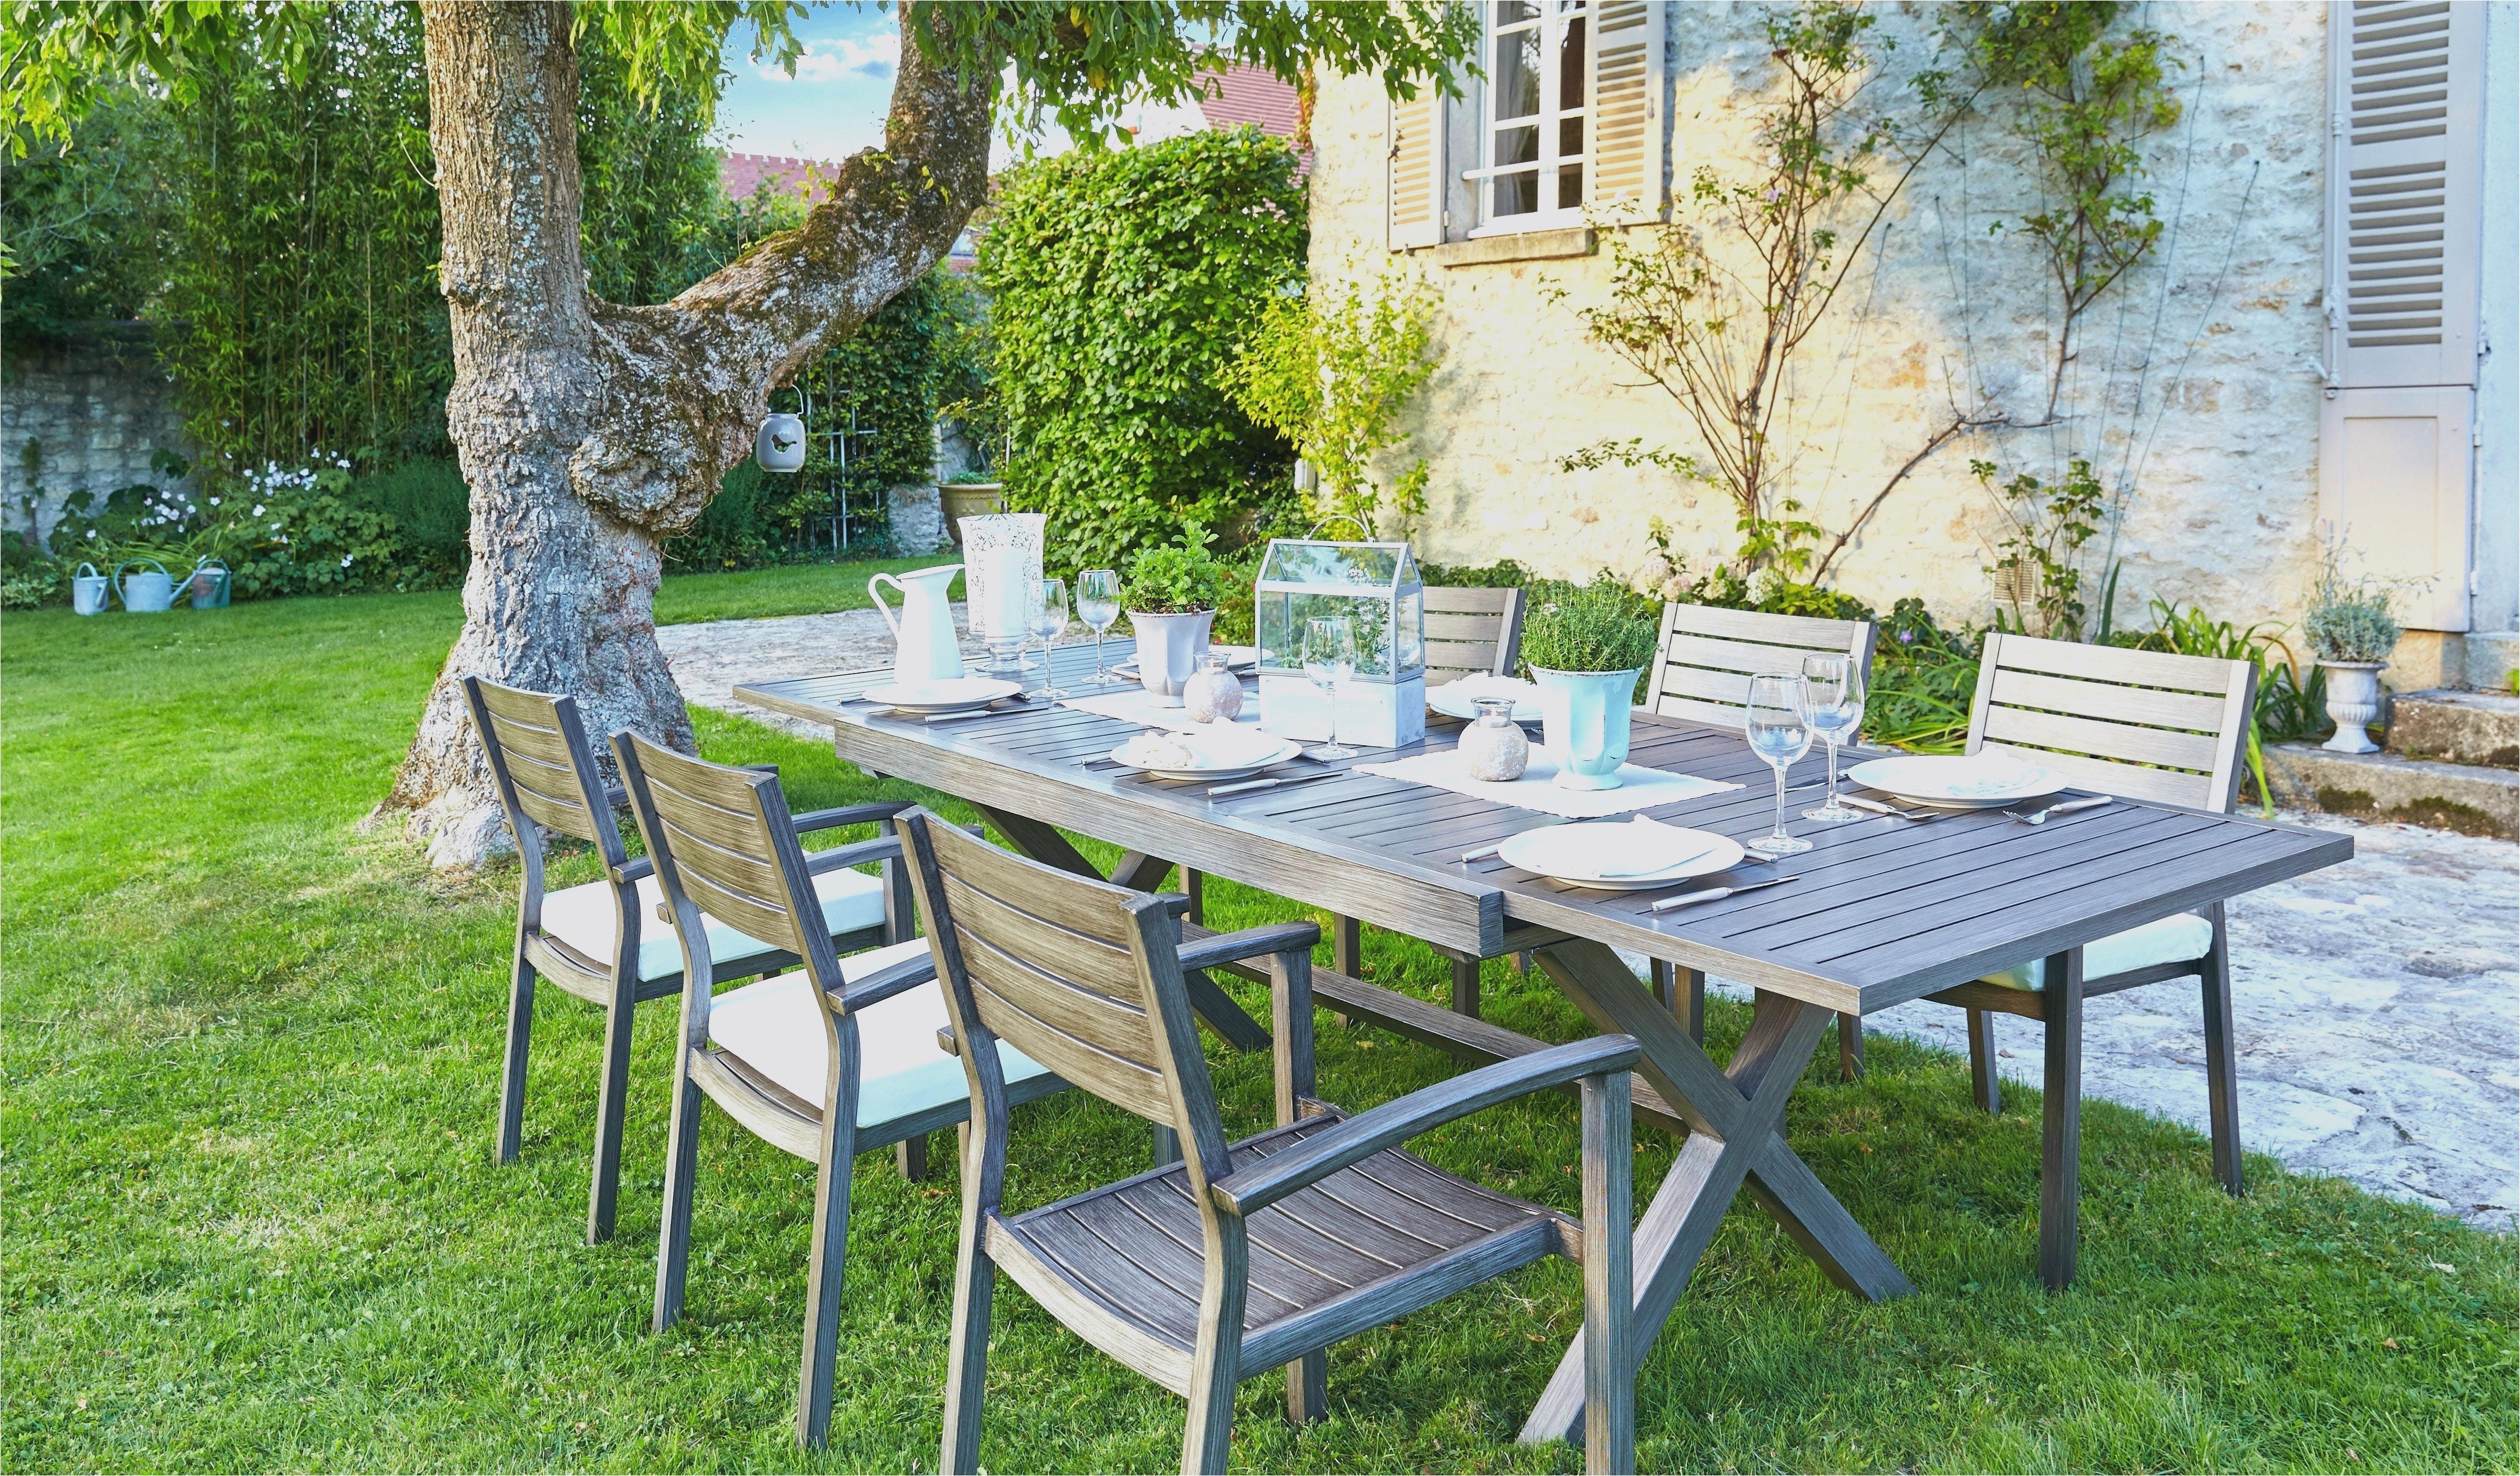 Carrefour tonnelle De Jardin Impressionnant Photographie Chaise Longue De Jardin Carrefour Avec élégant Meilleur Chaise